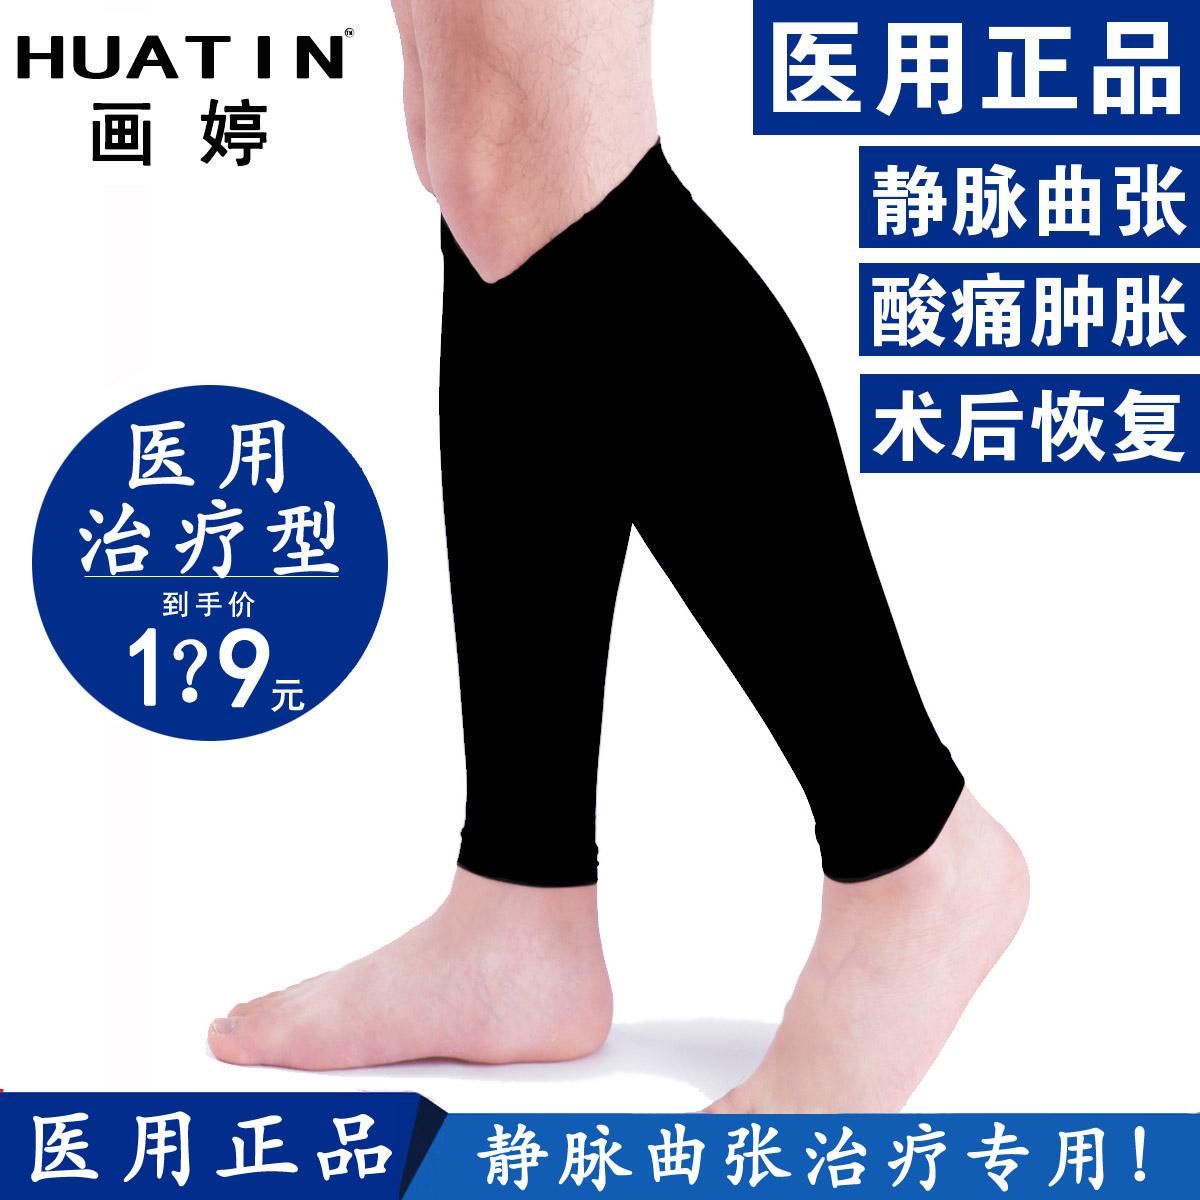 治疗 静脉 曲张 医用 弹力袜 子女 二级 压力 绷带 小腿